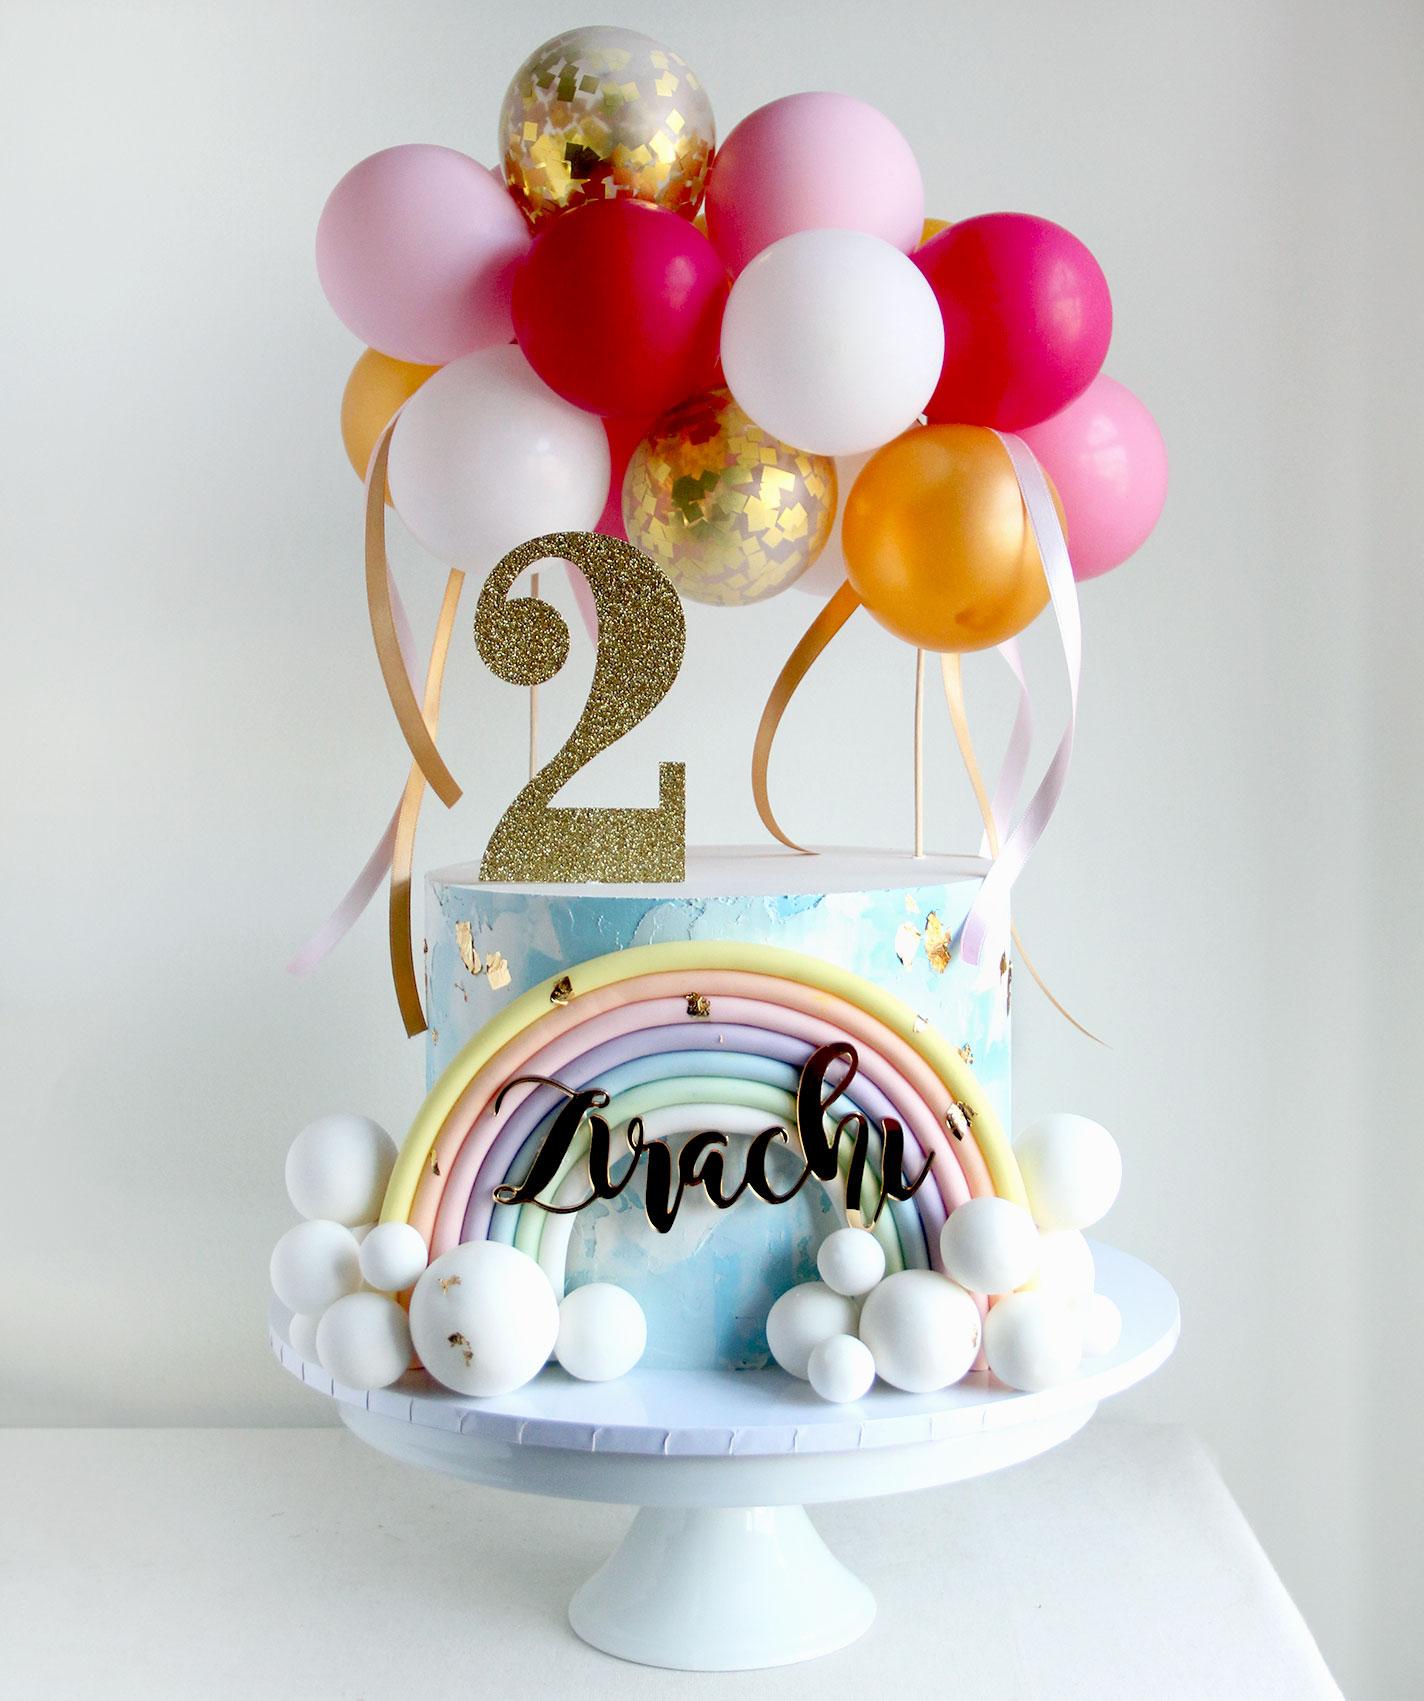 Oversize Rainbow & Balloon Cake